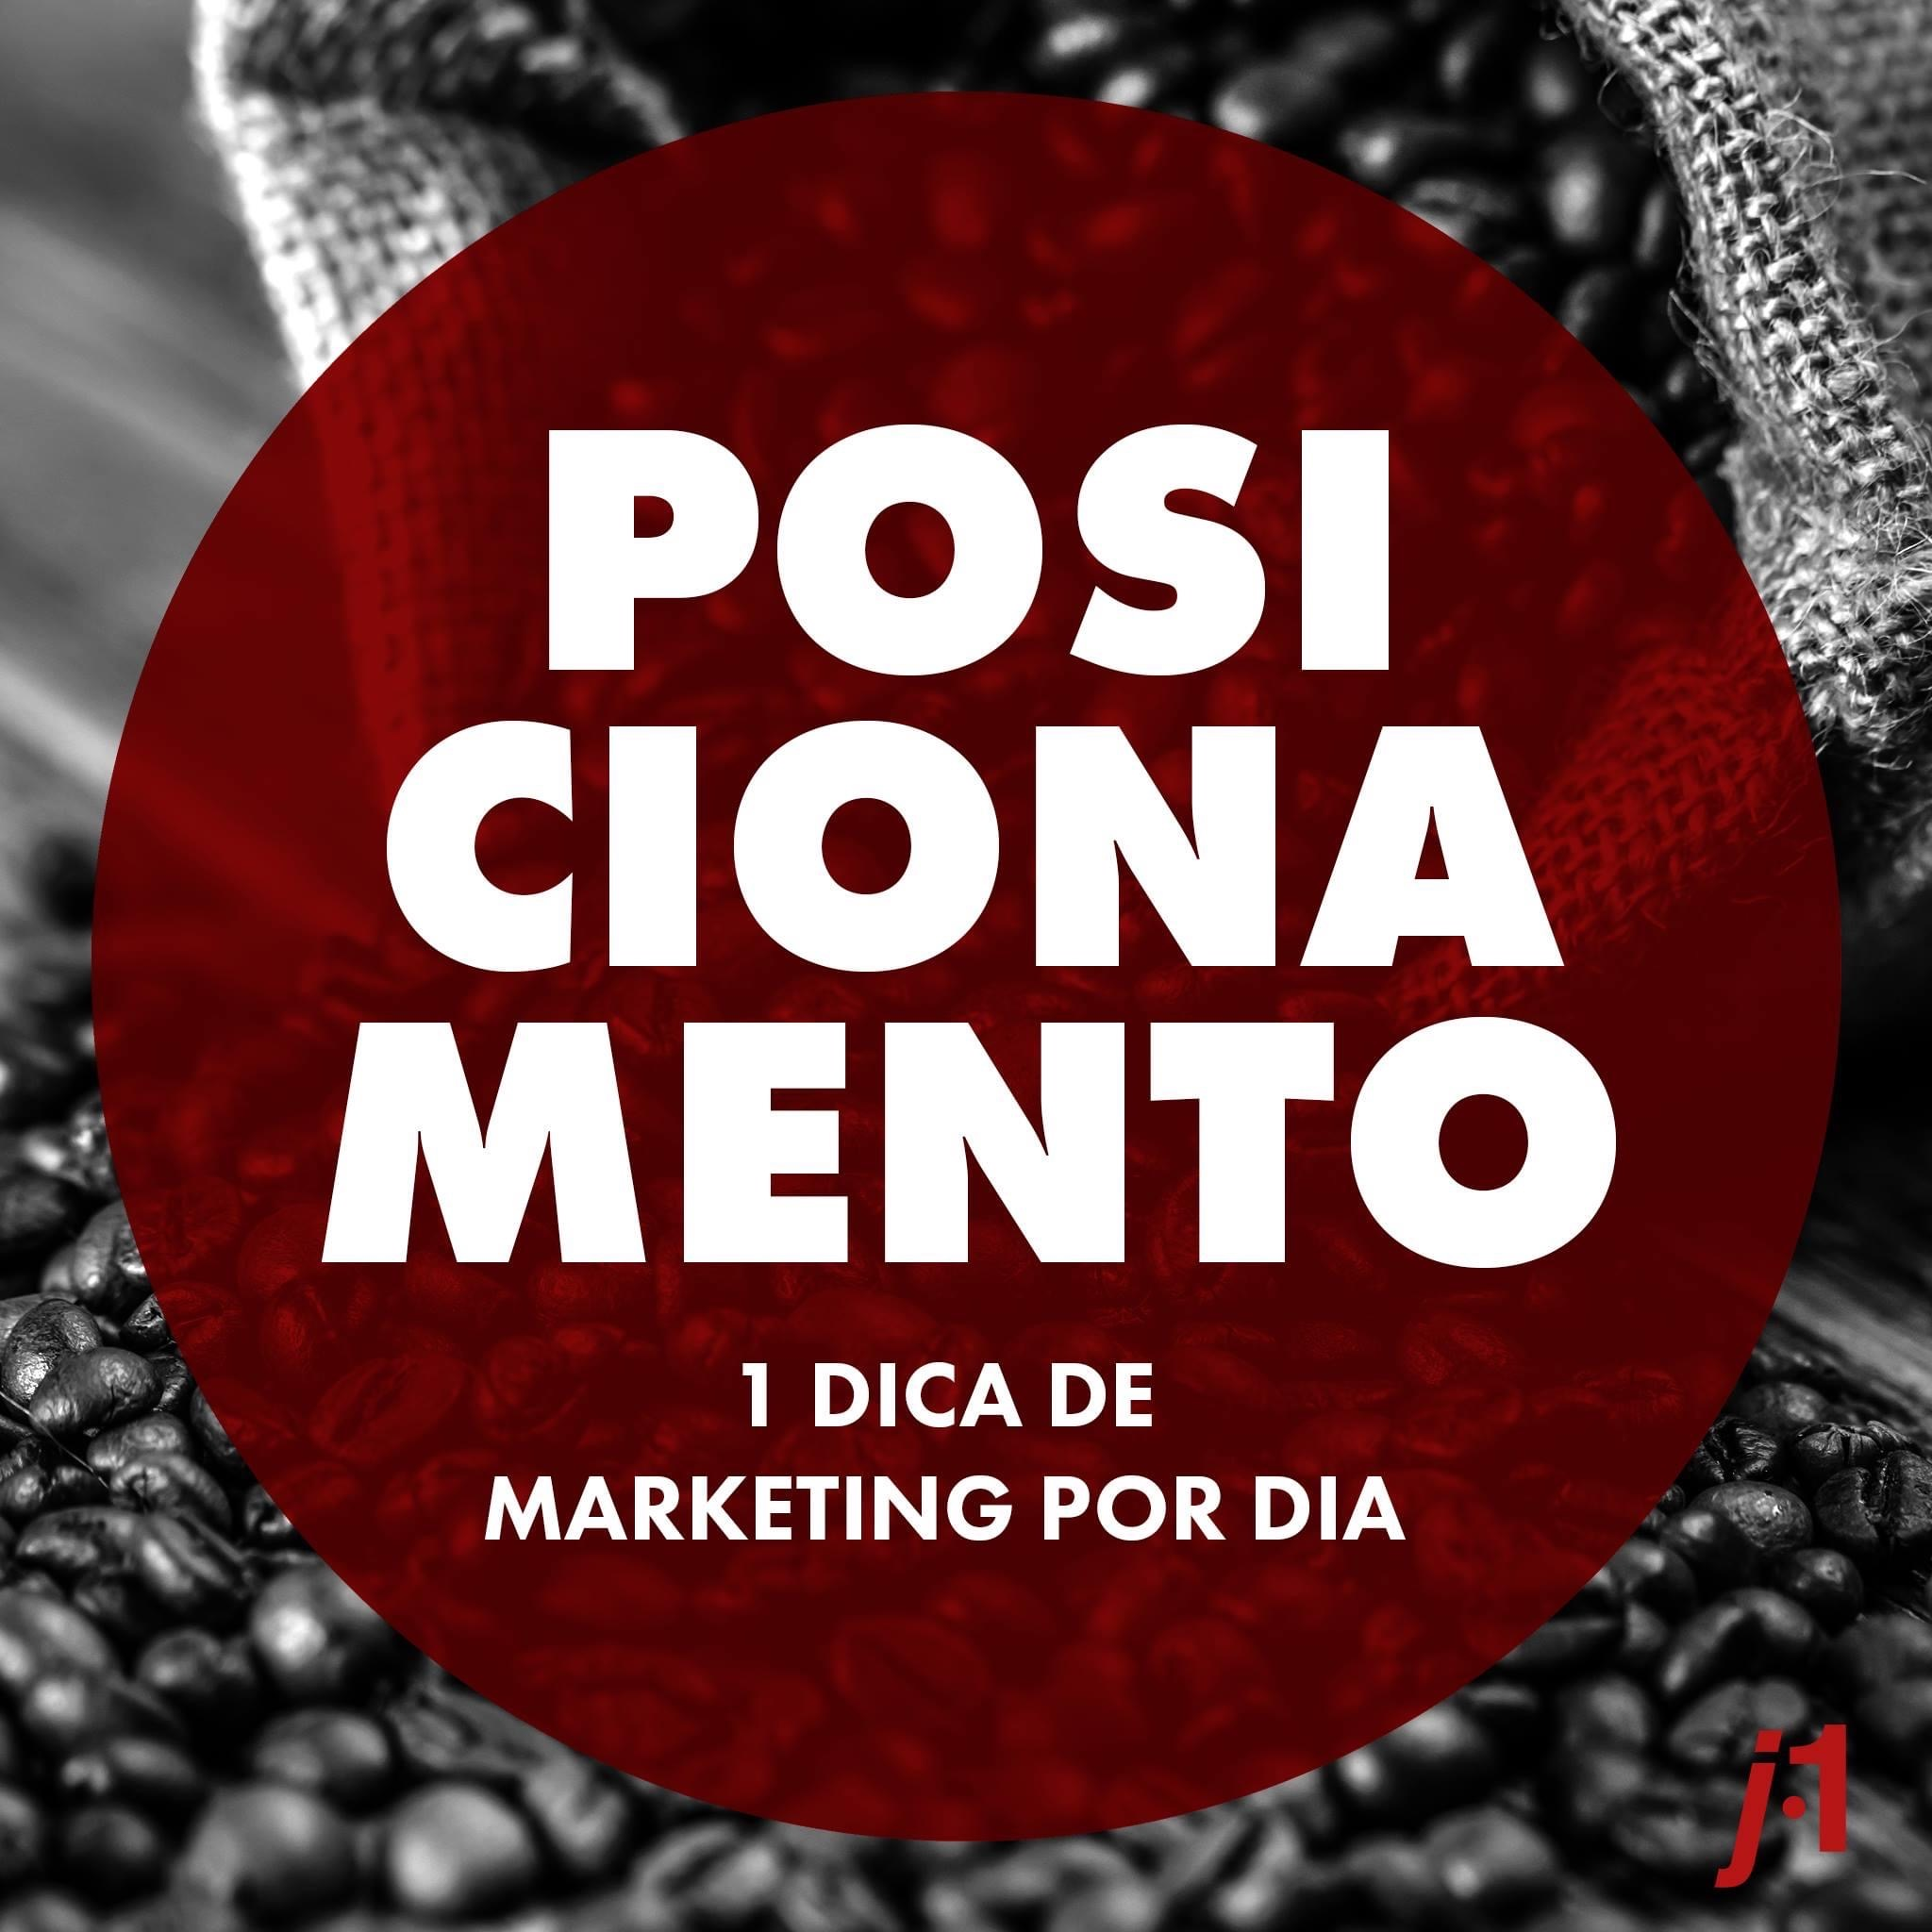 Dicas de Marketing - Posicionamento